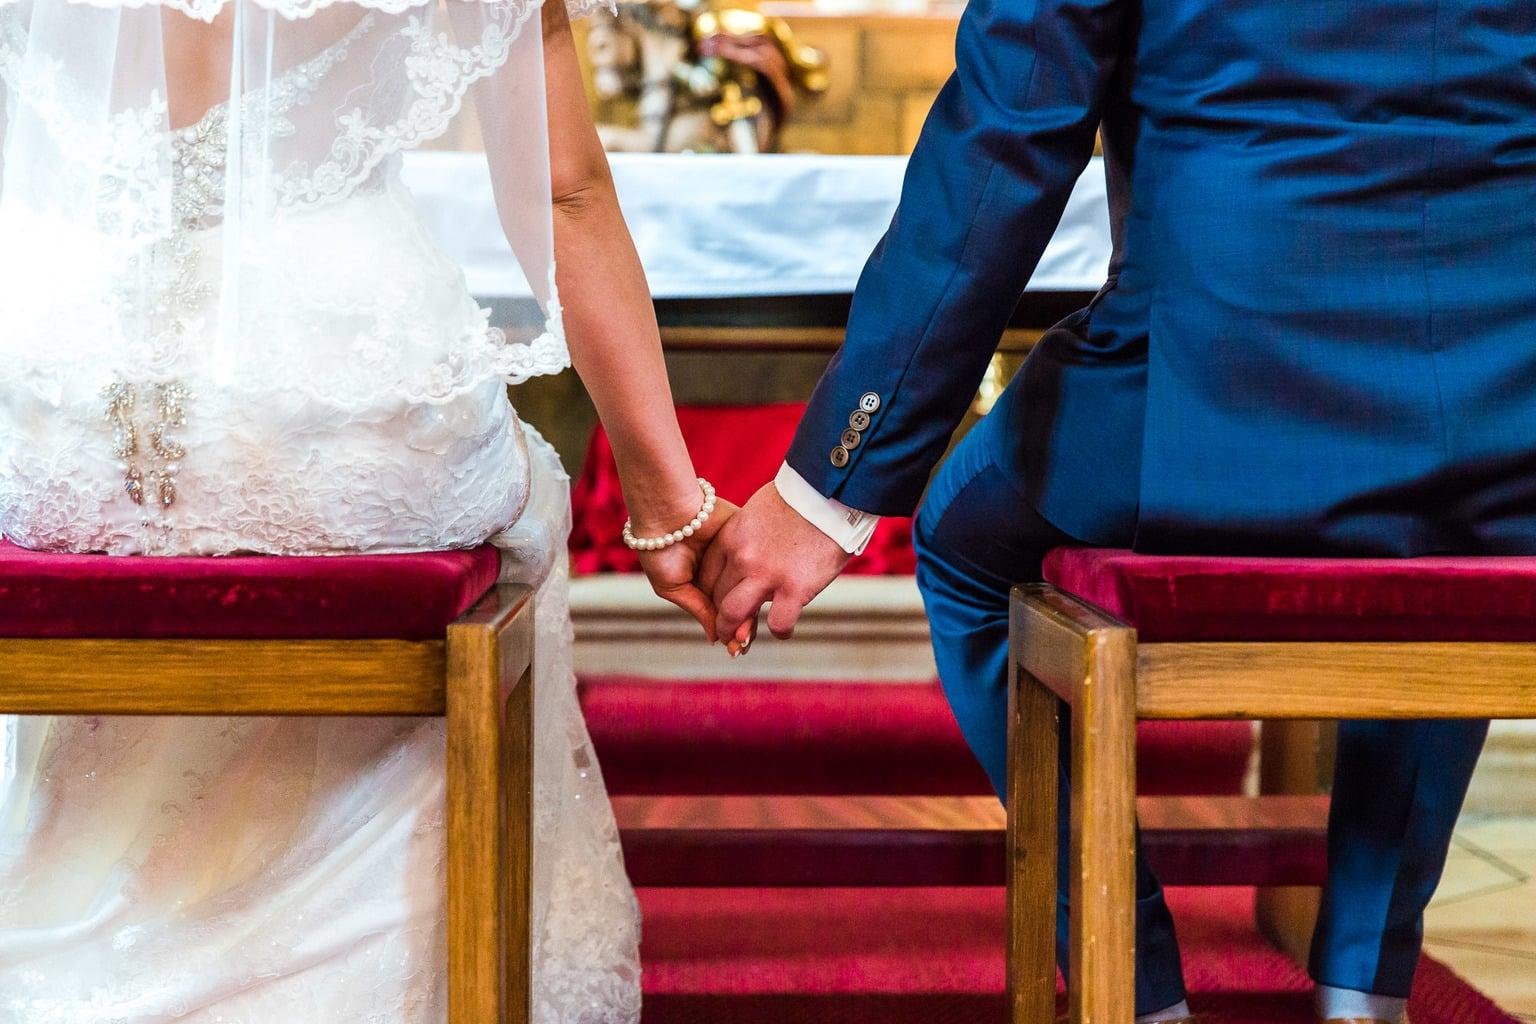 Hochzeitsfotograf Markus Baumann Lichtbetont - Ingolstadt - Eichstätt, Neuburg, Fotograf München, Fotografie Augsburg - Hochzeitsfotos - Portfolio0174